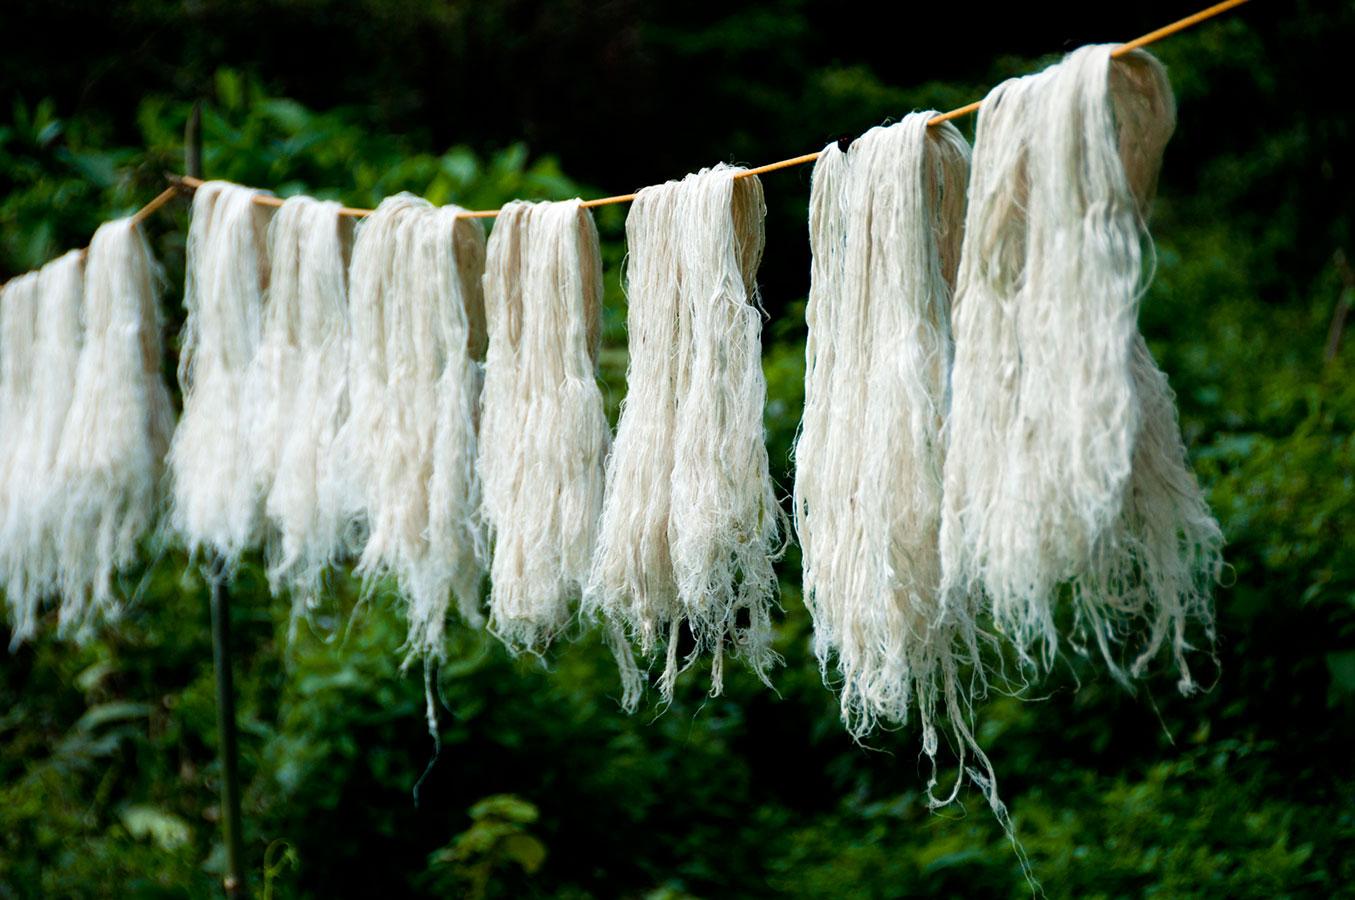 Wiszące na sznurku pośród zieleni włókna z ananasa przypominające bardzo jasne włosy